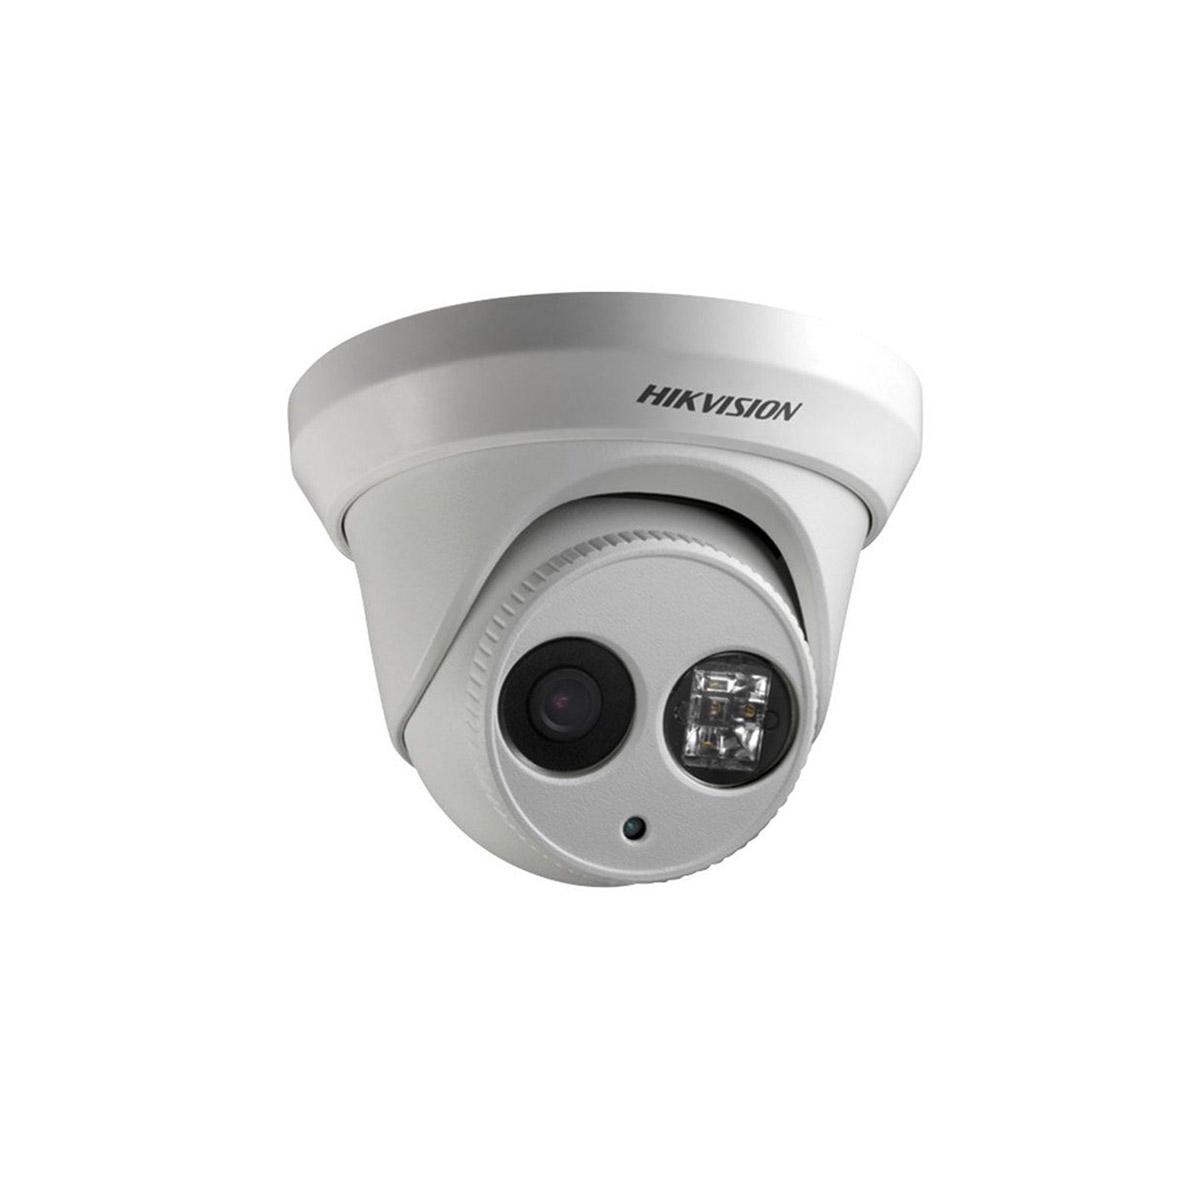 Cámara Hikvision DS-2CE56D5T-IT3 2MP Tipo Domo